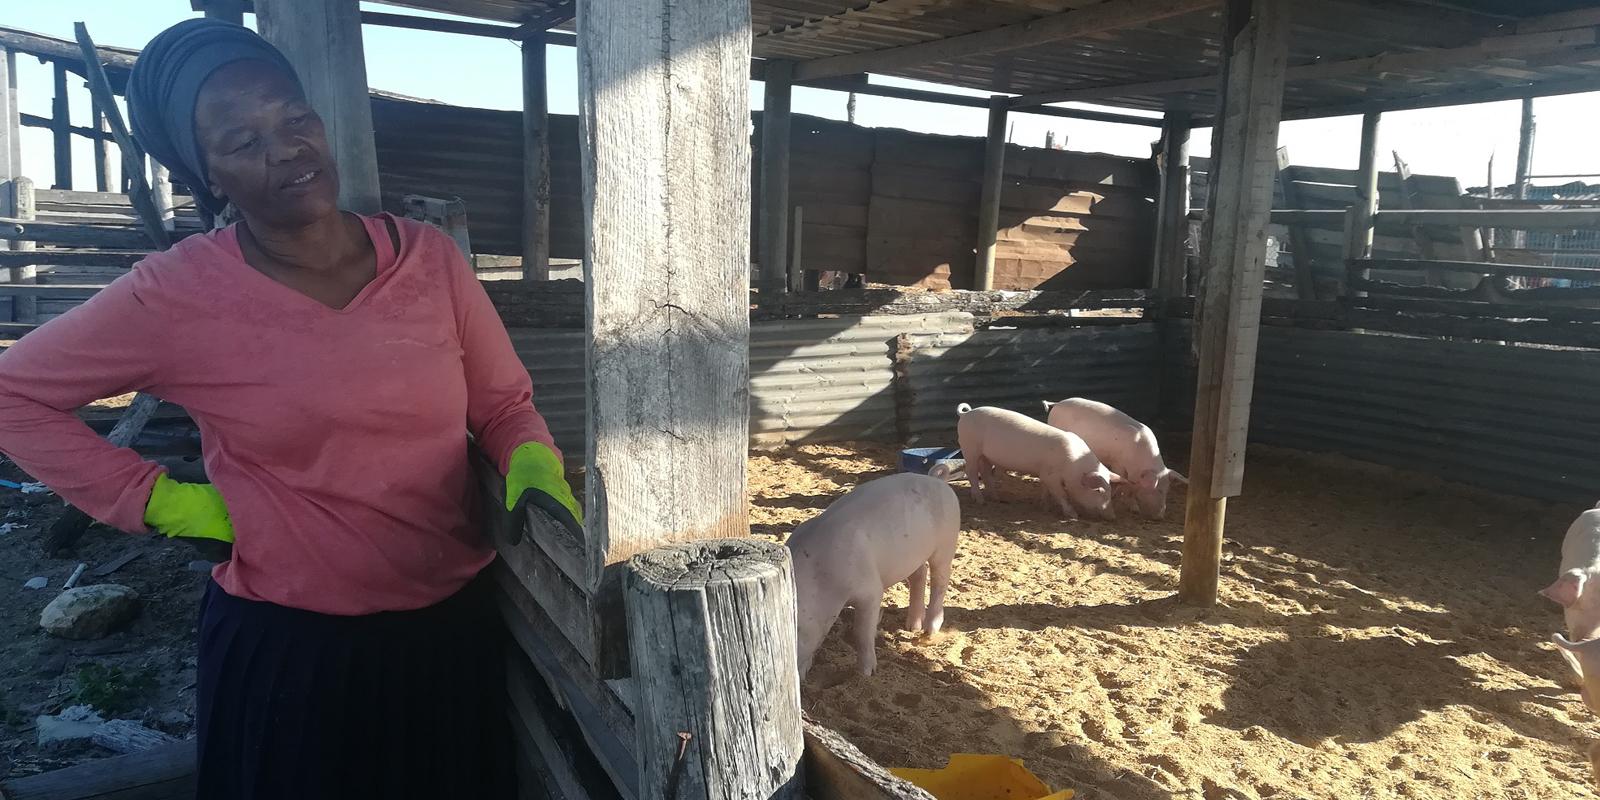 Den Nutztierne in Kapstadt geht es besser